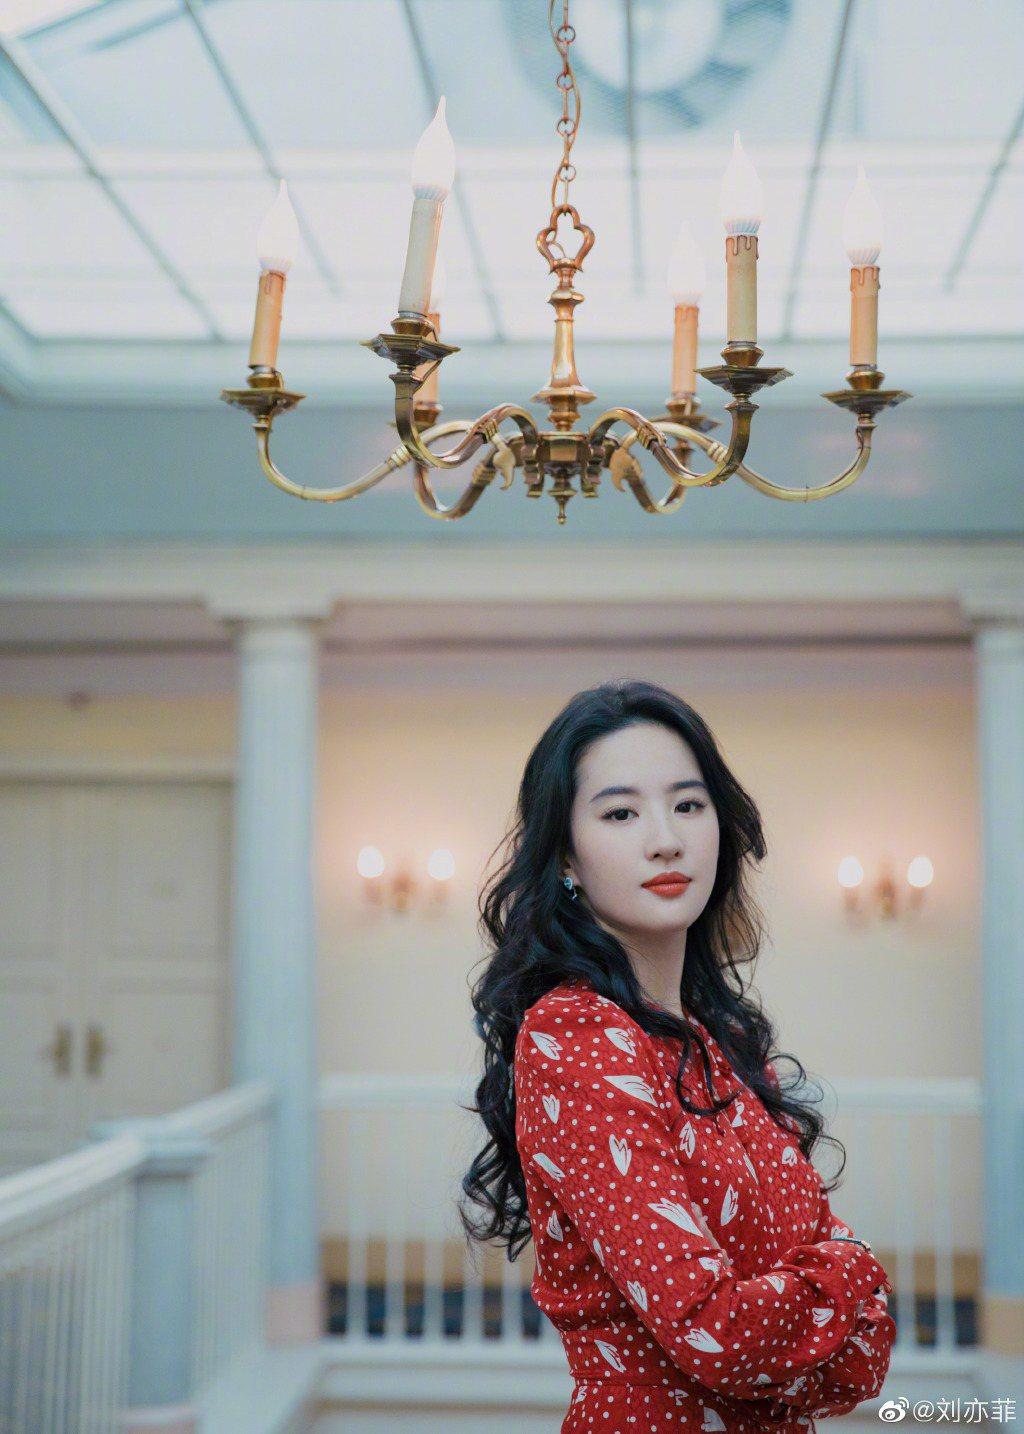 劉亦菲氣質清新脫俗,有「神仙姐姐」封號。圖/摘自微博